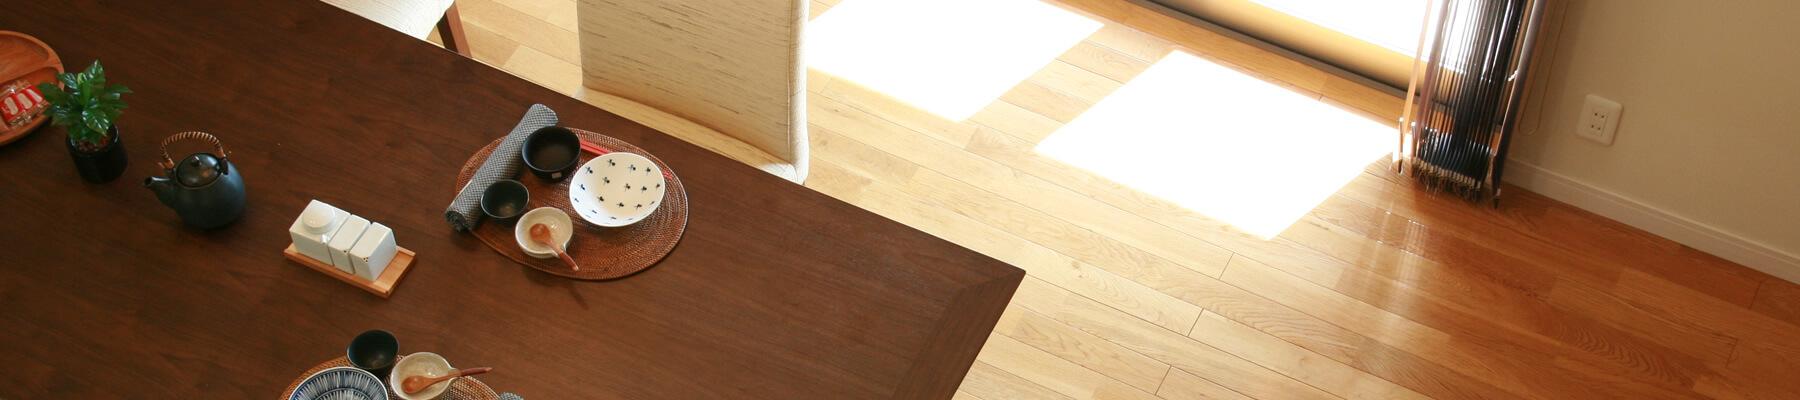 注文住宅|安水建設|愛知県安城市を中心に三河エリアの木造注文住宅・リフォーム